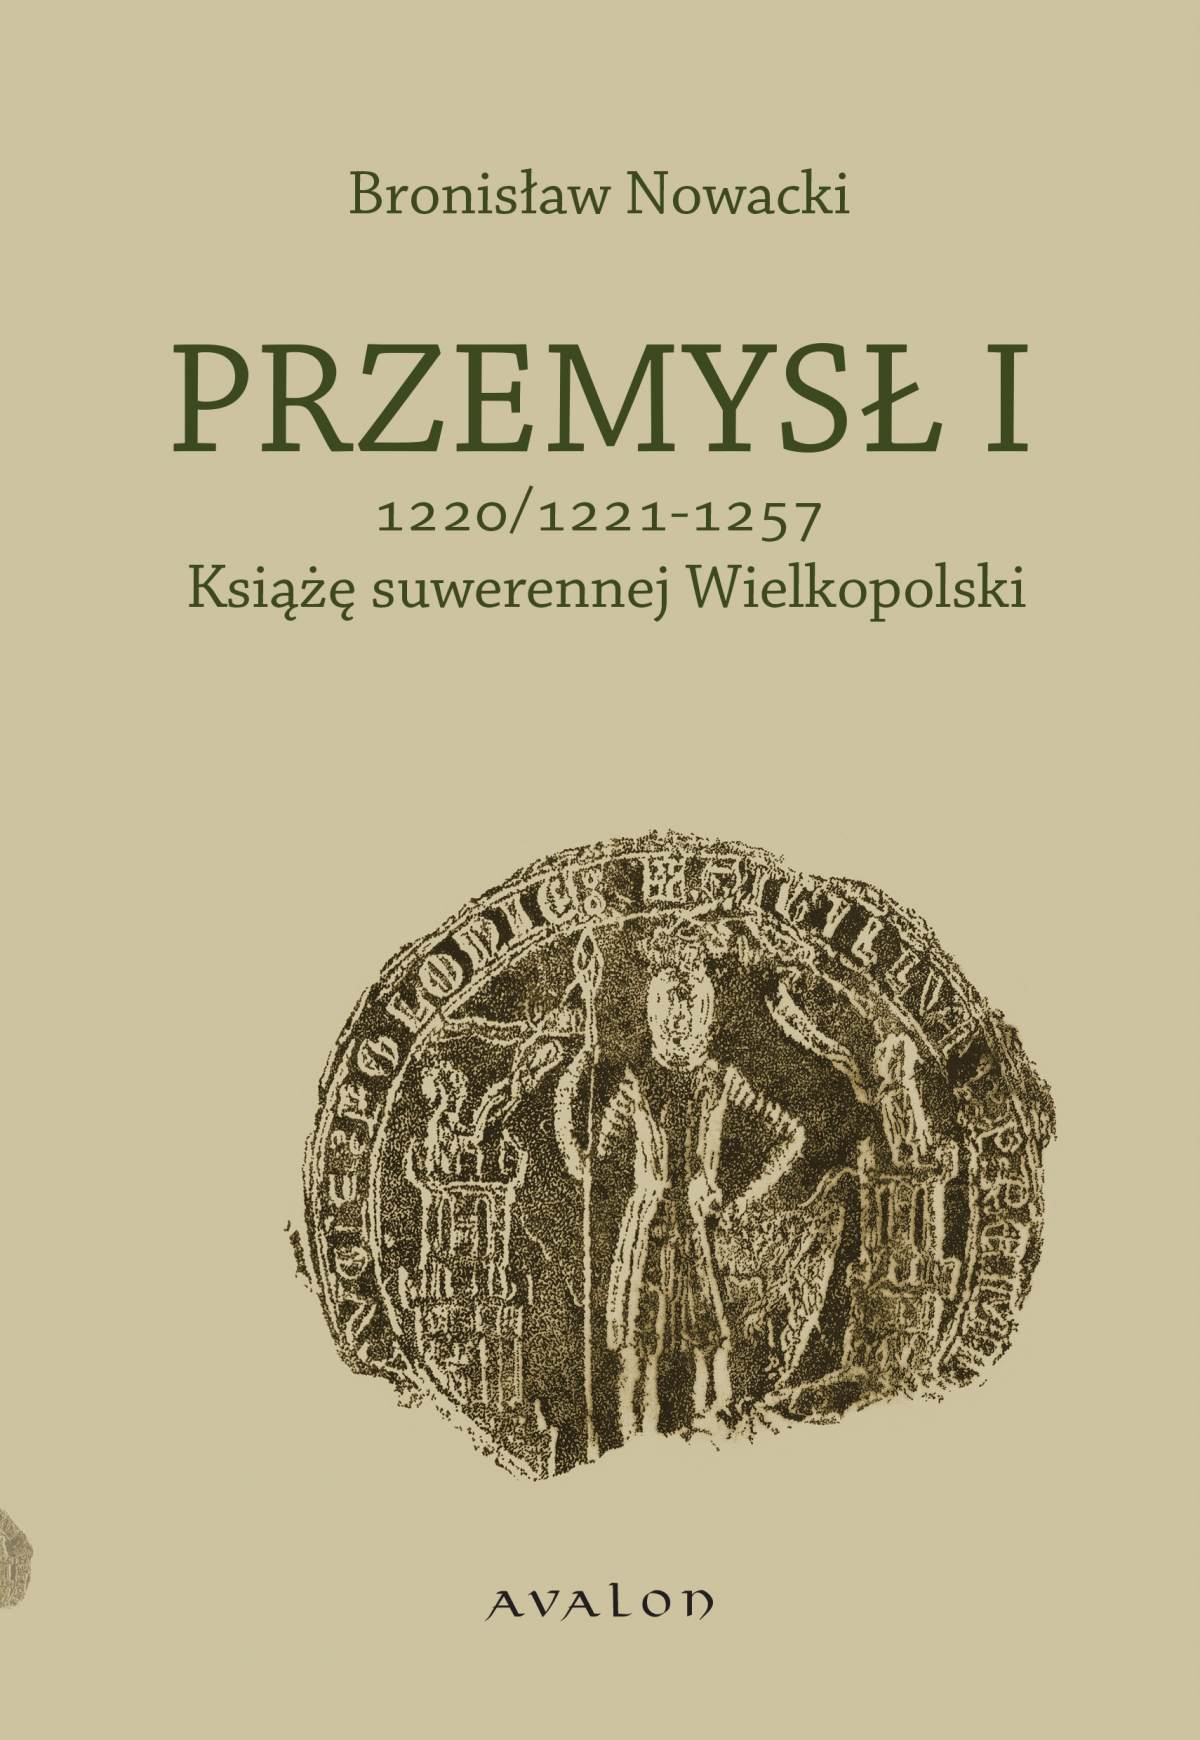 Przemysł I. Książę suwerennej Wielkopolski 1220/1221 - 1257 - Ebook (Książka PDF) do pobrania w formacie PDF